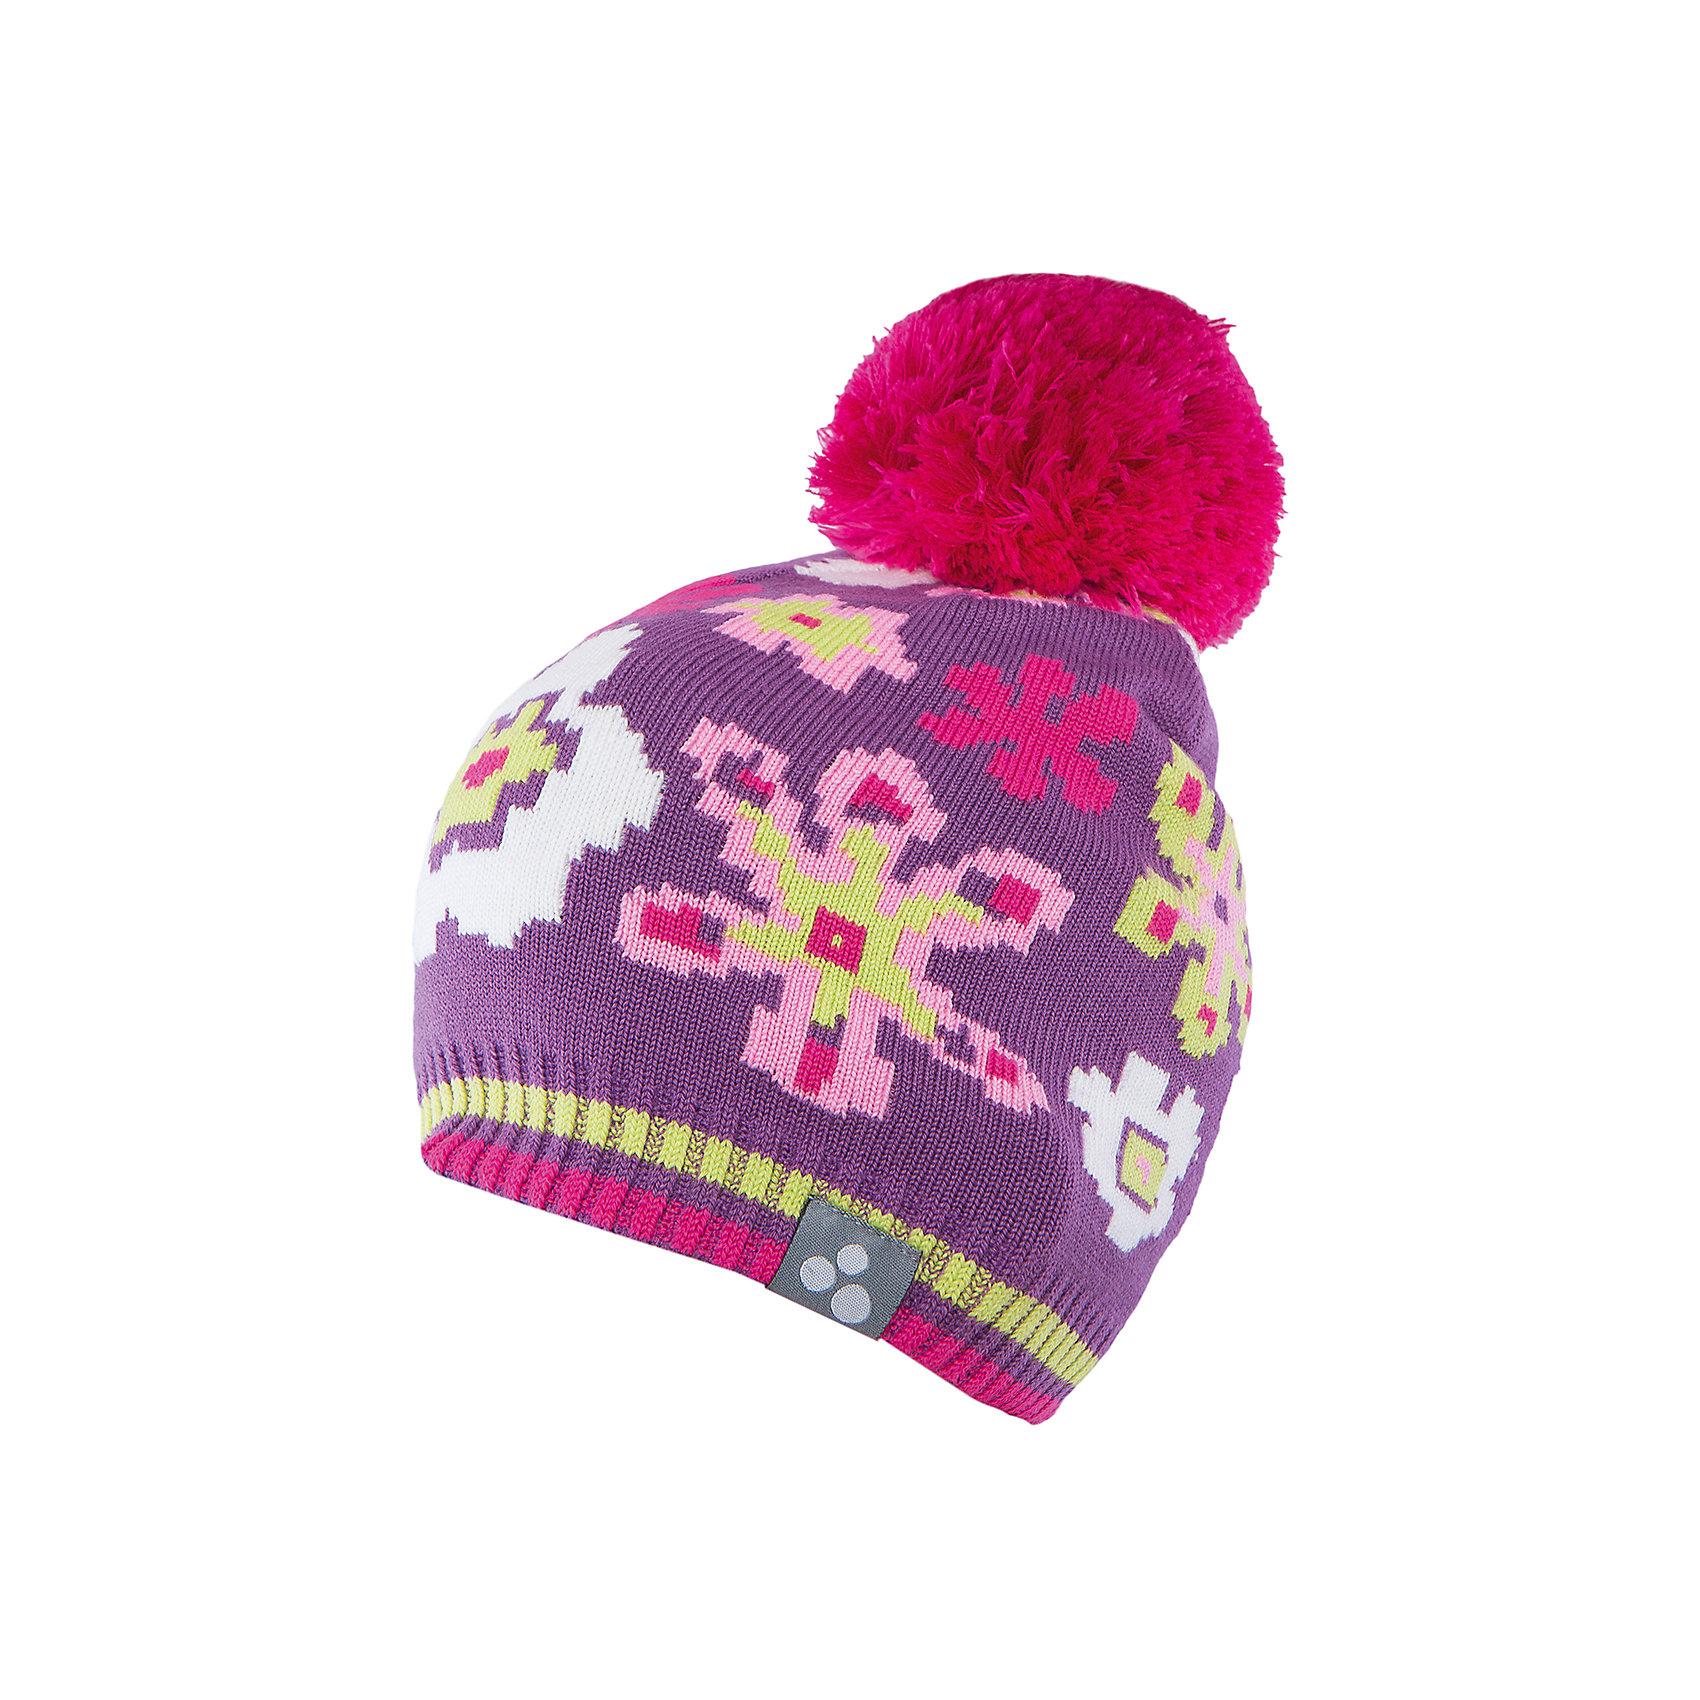 Шапка для девочки HuppaЯркая вязаная шапка Huppa Floral изготовлена из шерсти мериноса и акрила и способна согреть даже при сильном морозе. Шапка украшена ярким цветочным орнаментом, помпоном. Снизу вы найдете светоотражательные элементы. Превосходный выбор для юных модниц и модников!<br><br>Дополнительная информация:<br>Цвет: лиловая<br>Материал: 50% шерсть мериноса, 50% акрил<br><br>Шапку Huppa Floral можно приобрести в нашем интернет-магазине.<br><br>Ширина мм: 89<br>Глубина мм: 117<br>Высота мм: 44<br>Вес г: 155<br>Цвет: фиолетовый<br>Возраст от месяцев: 12<br>Возраст до месяцев: 24<br>Пол: Женский<br>Возраст: Детский<br>Размер: 47-49,55-57,51-53,57<br>SKU: 4923575